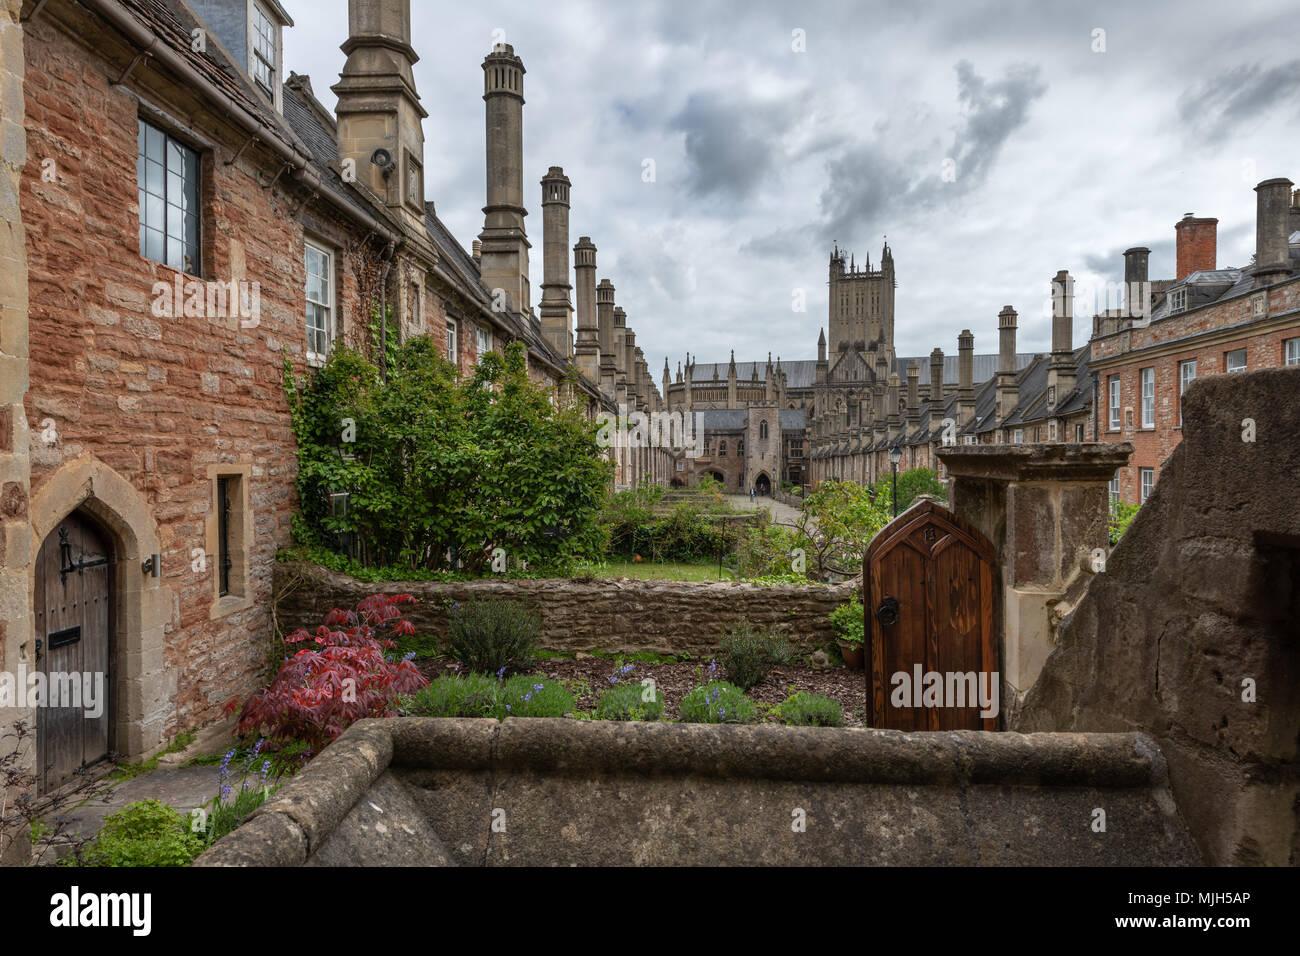 Près des vicaires dans Wells, Somerset vue en regardant vers la porte de la chaîne, est réputée être la plus ancienne rue résidentielle purement avec bâtiments d'origine Banque D'Images